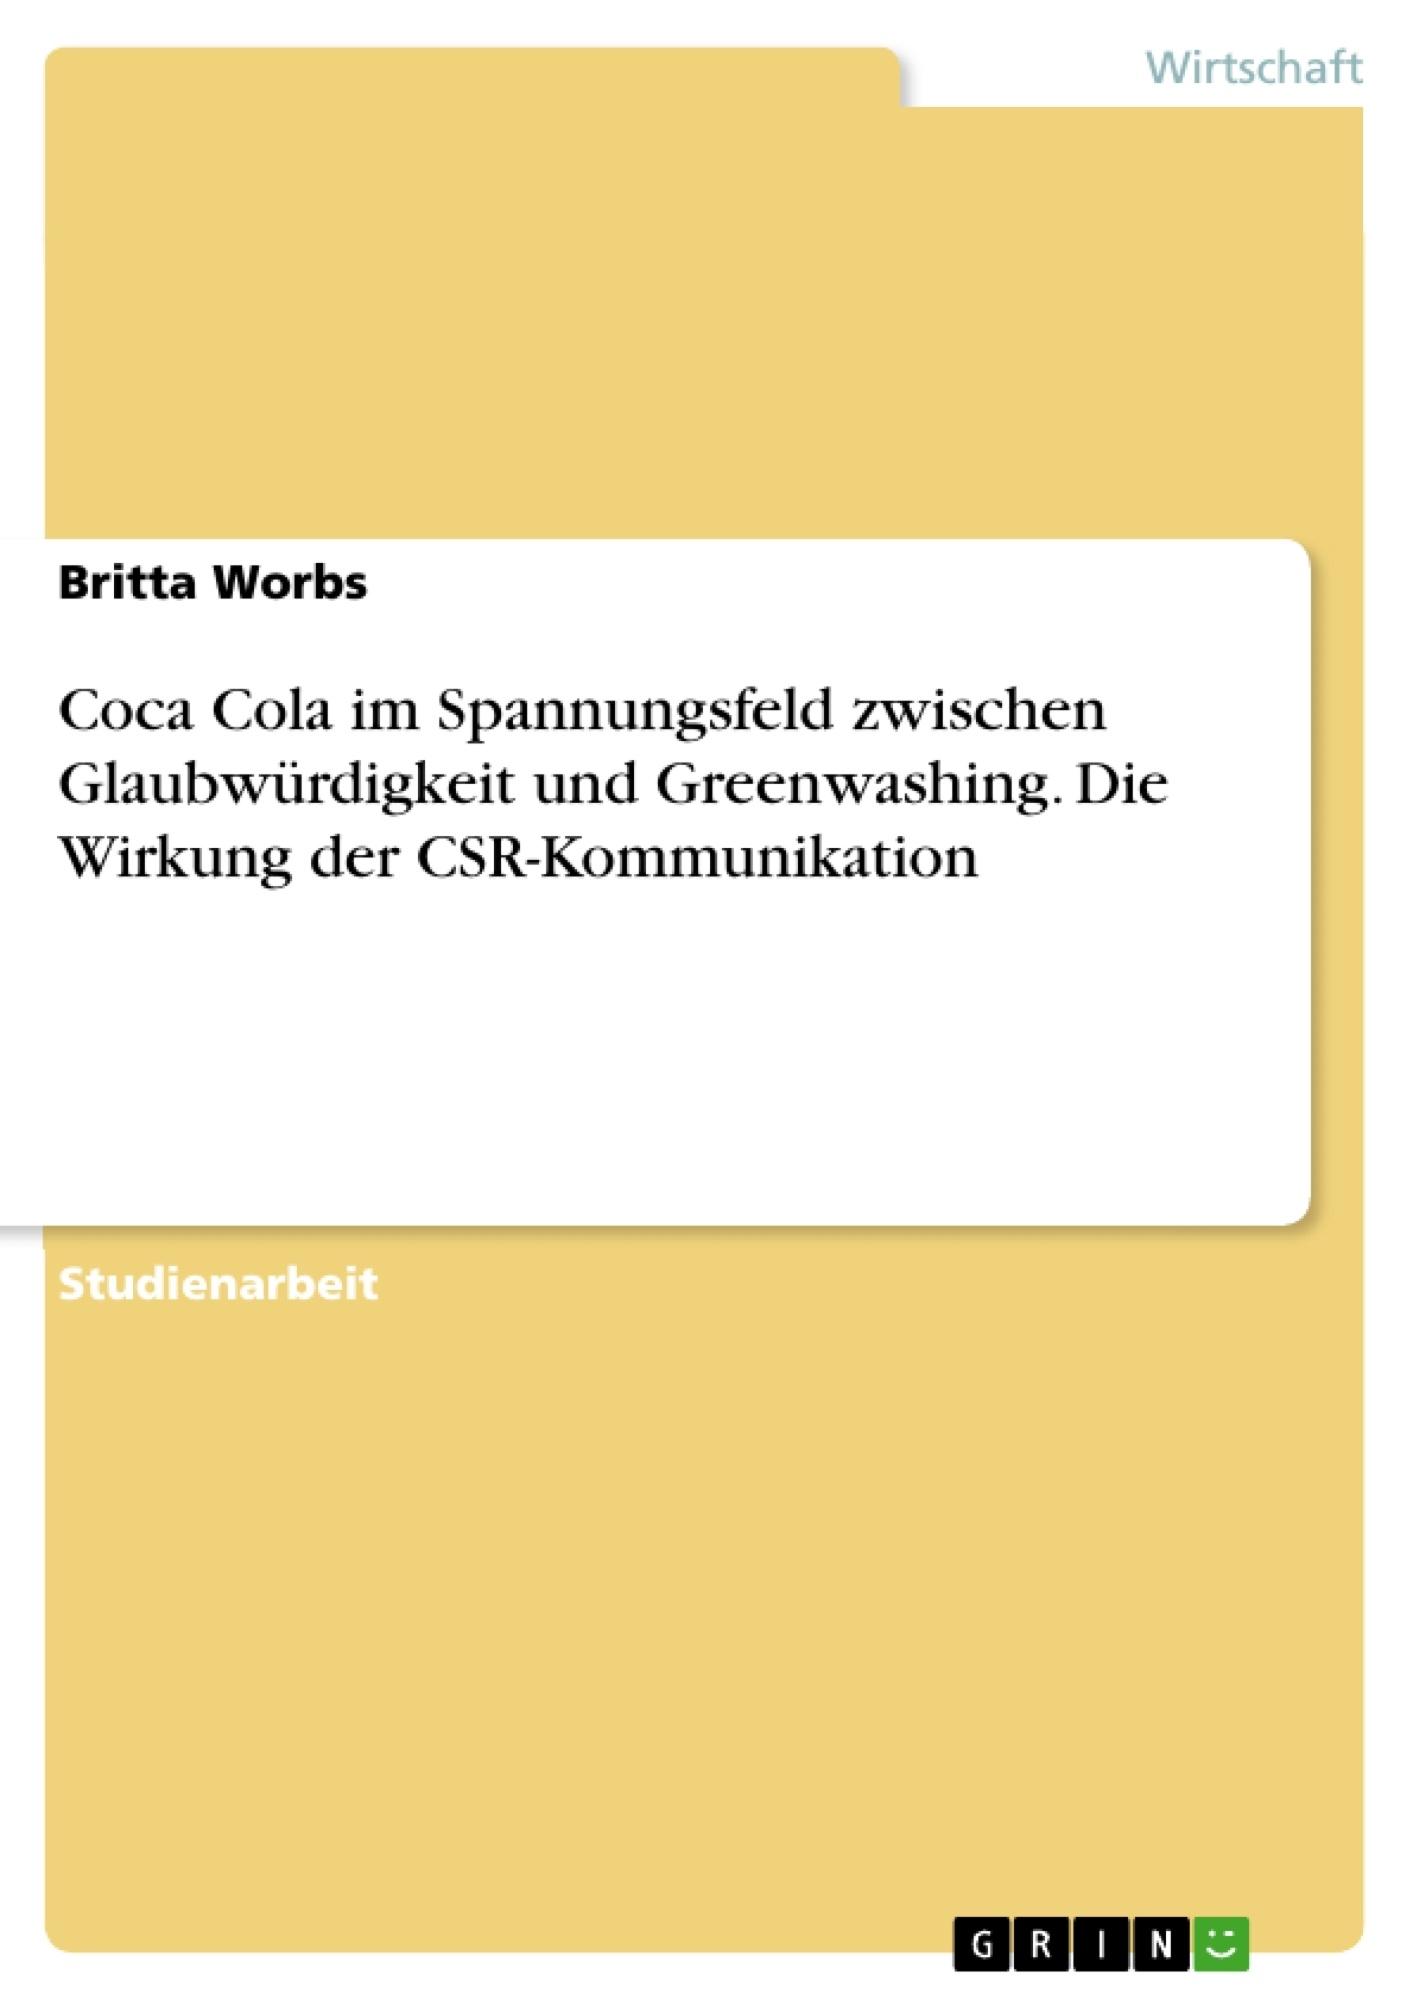 Titel: Coca Cola im Spannungsfeld zwischen Glaubwürdigkeit und Greenwashing. Die Wirkung der CSR-Kommunikation